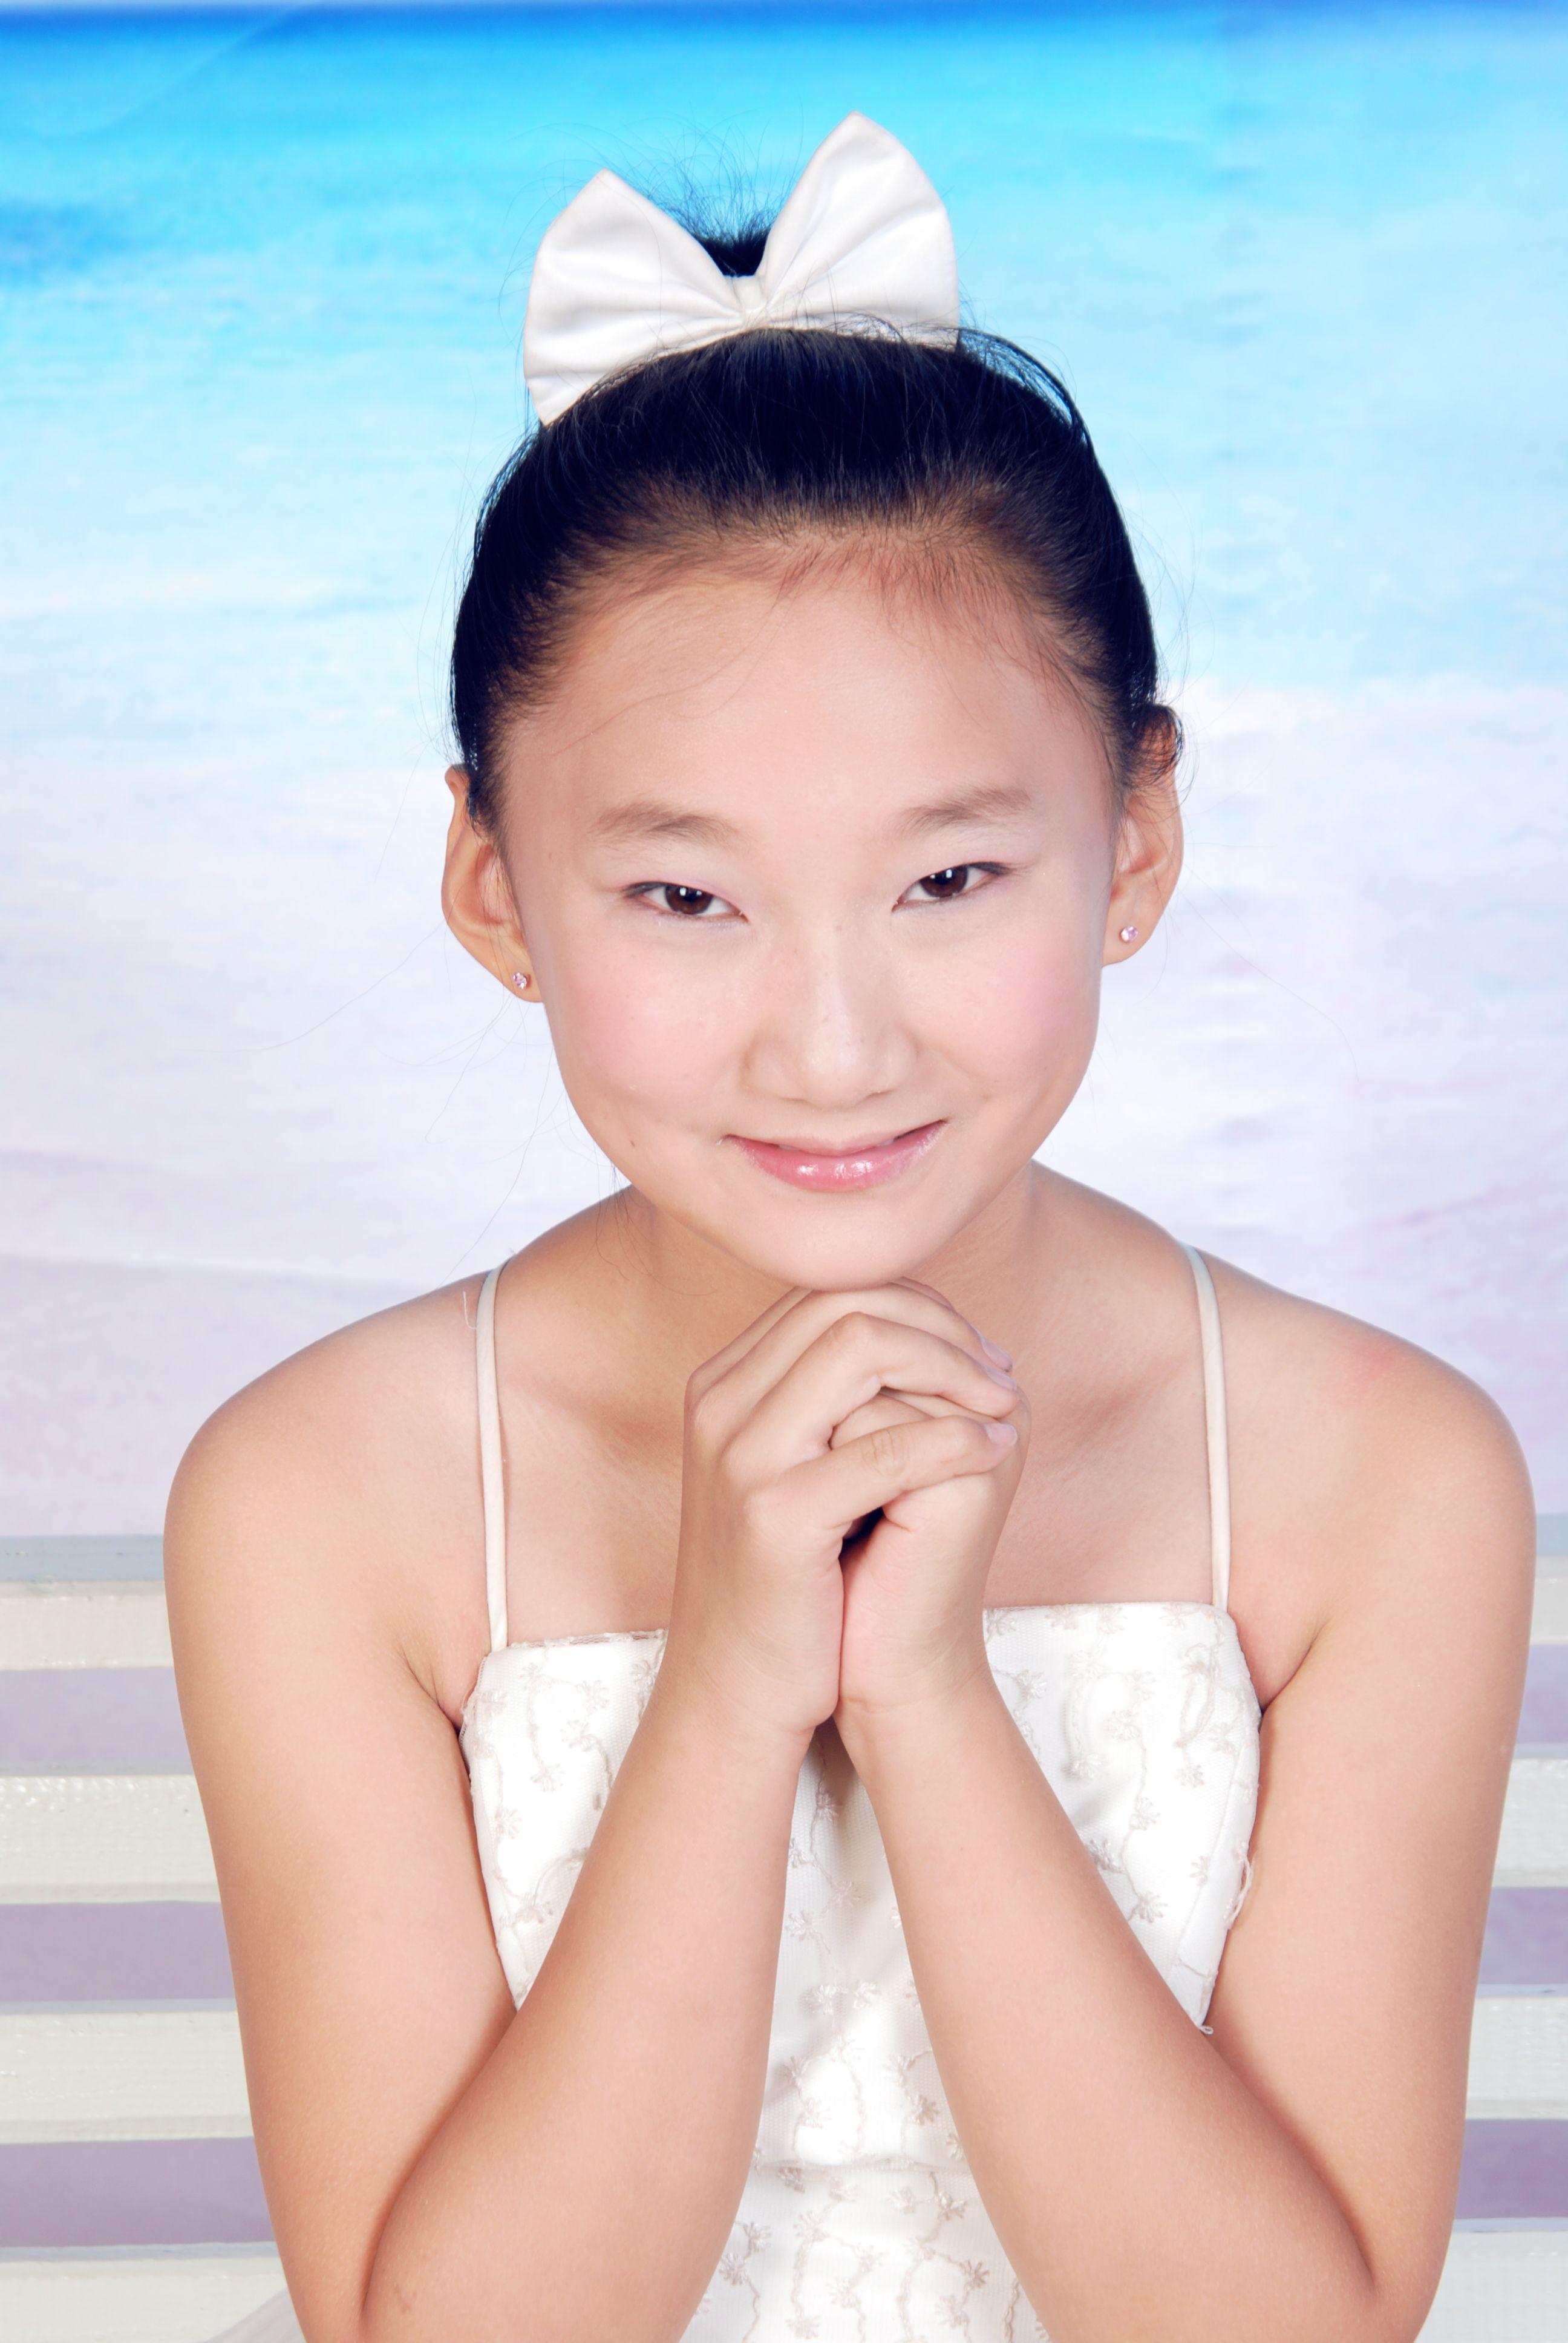 我今年13岁是中学生请问我适合留刘海还是露出额头适合留长发扎马尾图片